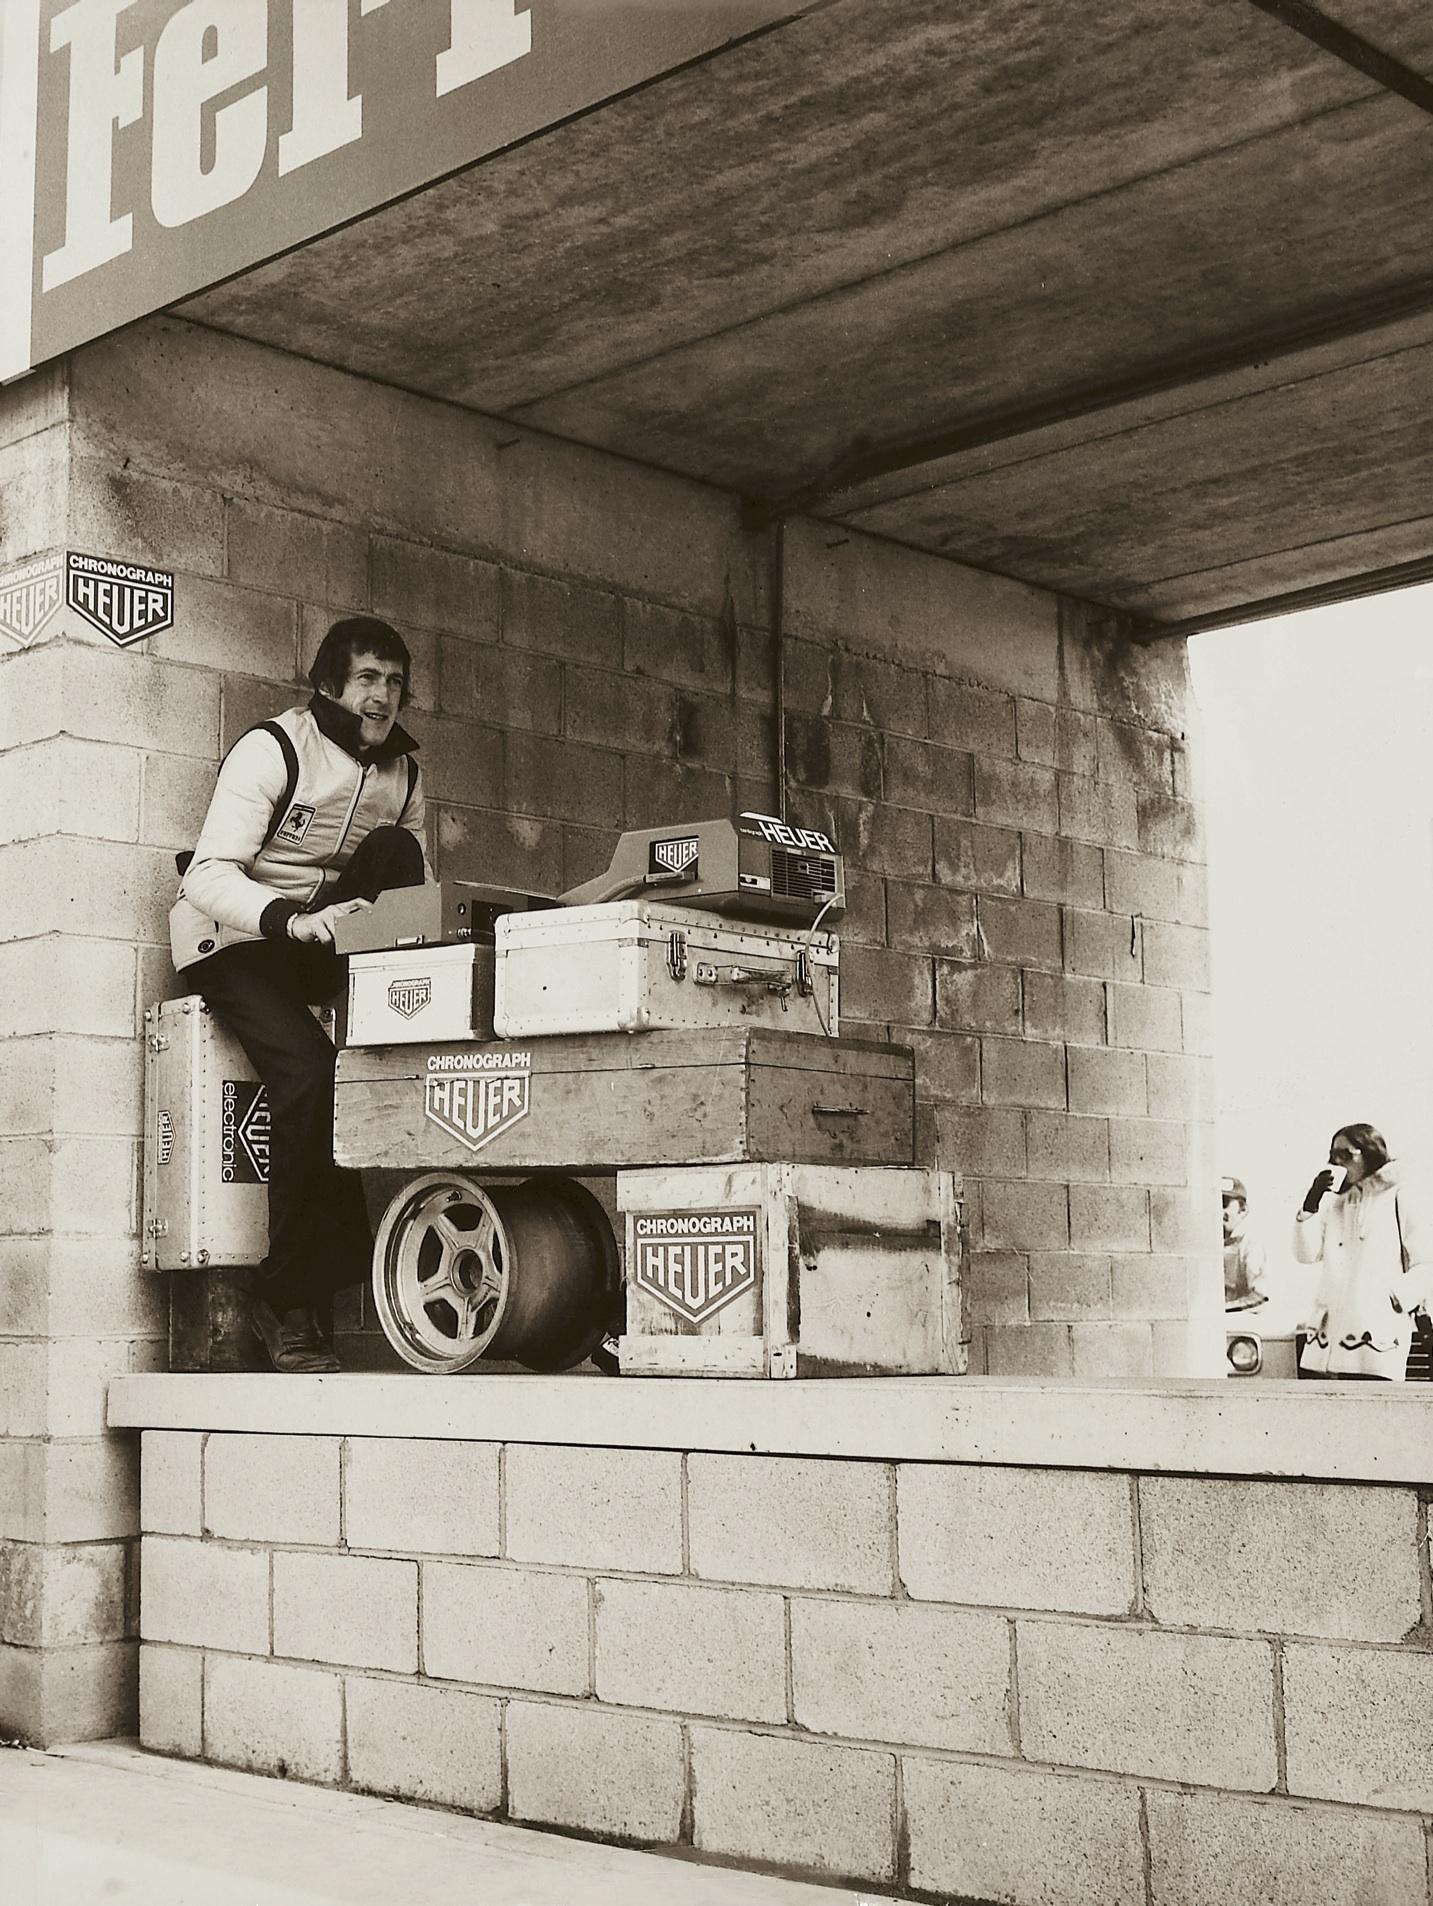 TAG Heuer Timekeeper Jean Campiche at Scuderia  Ferrari Fiorano Track.